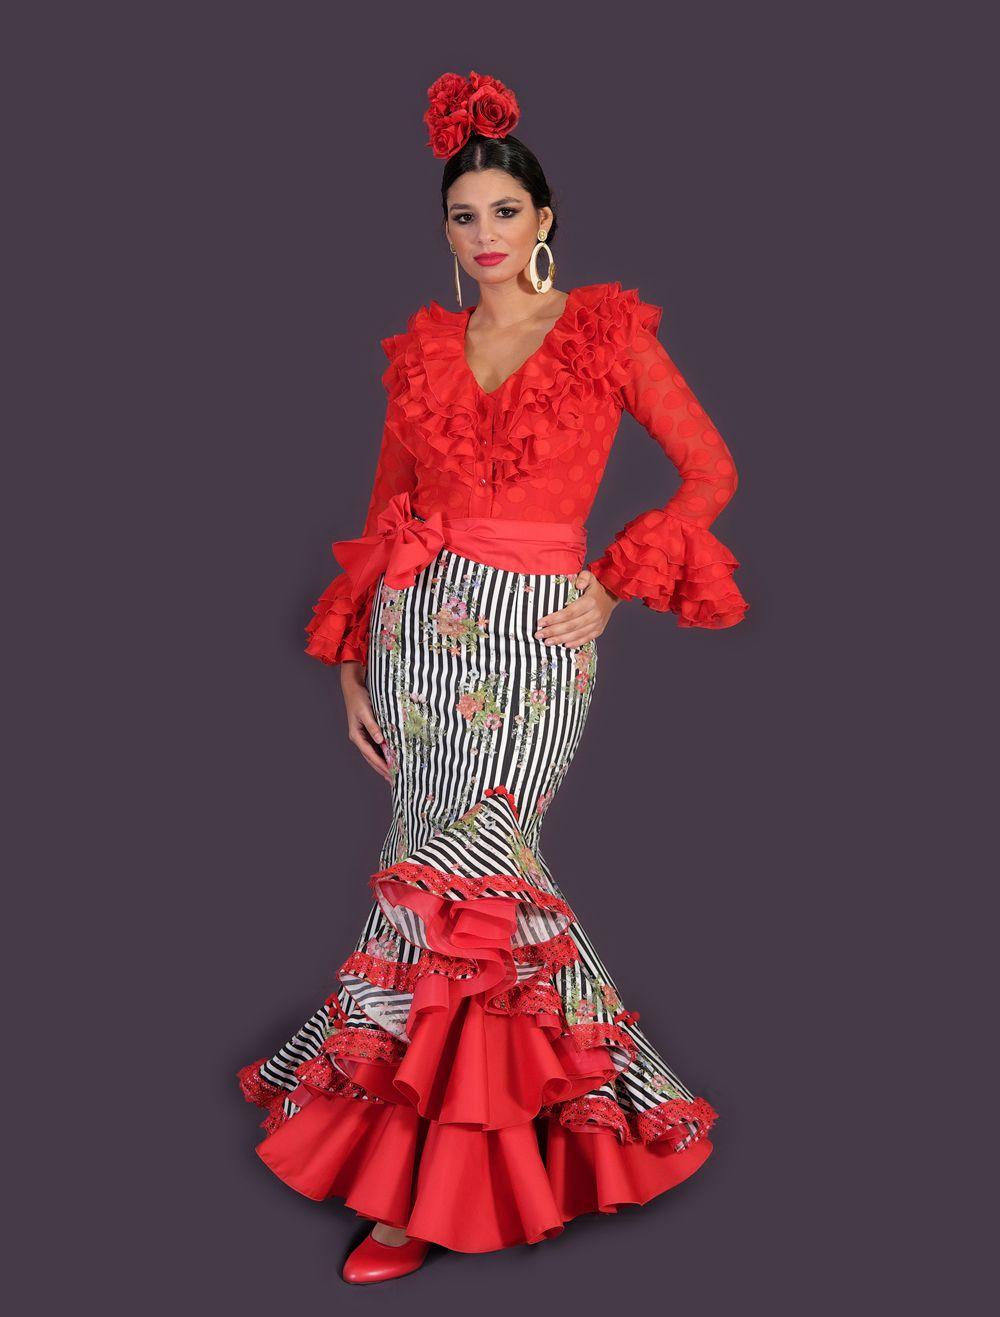 fd52ca3c71 Modelo de traje de flamenca compuesto por dos piezas a juego. Por un lado